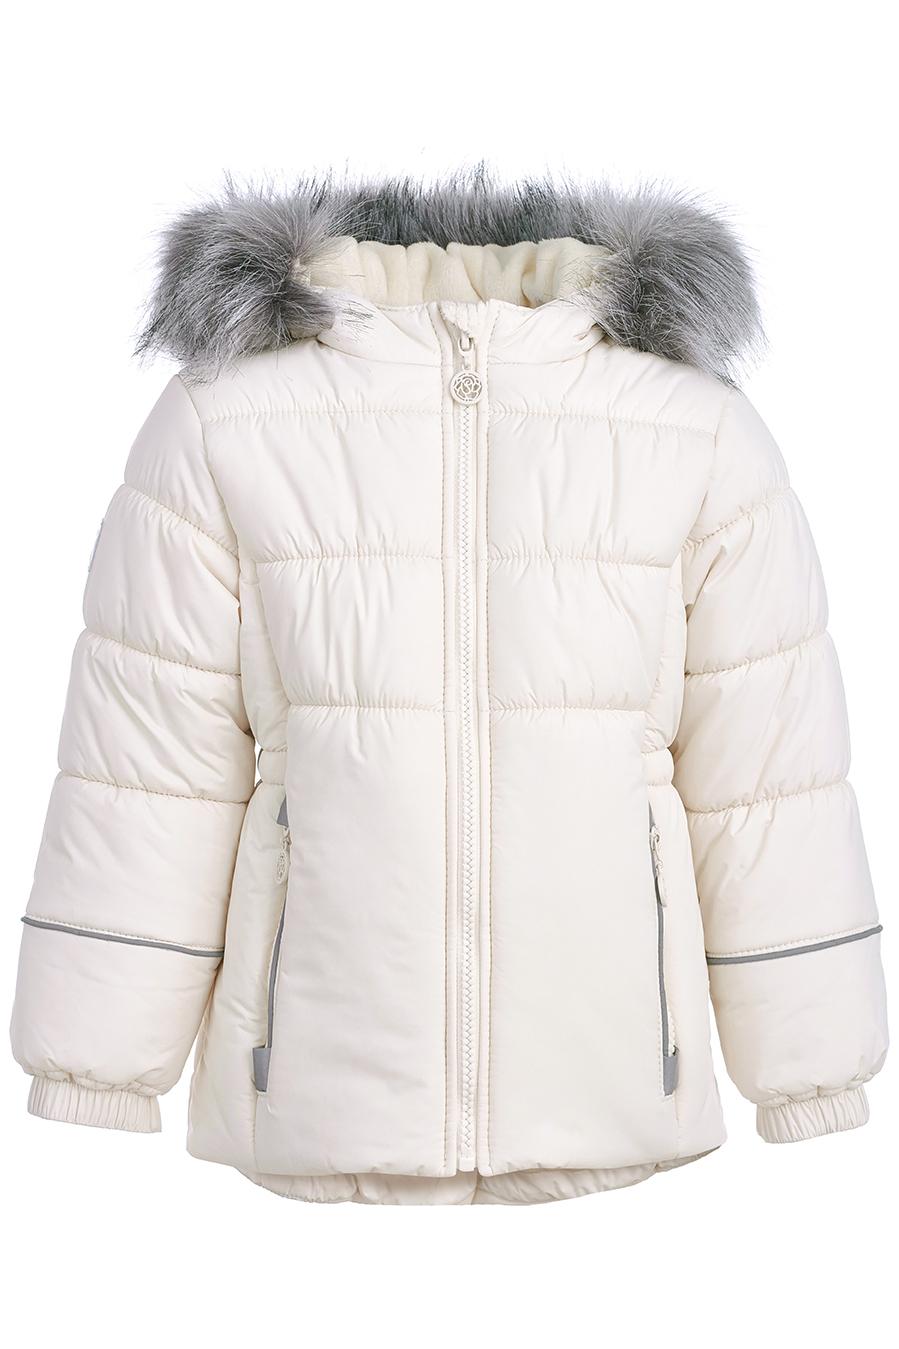 Купить со скидкой Куртка для девочек, отделка искусственный мех